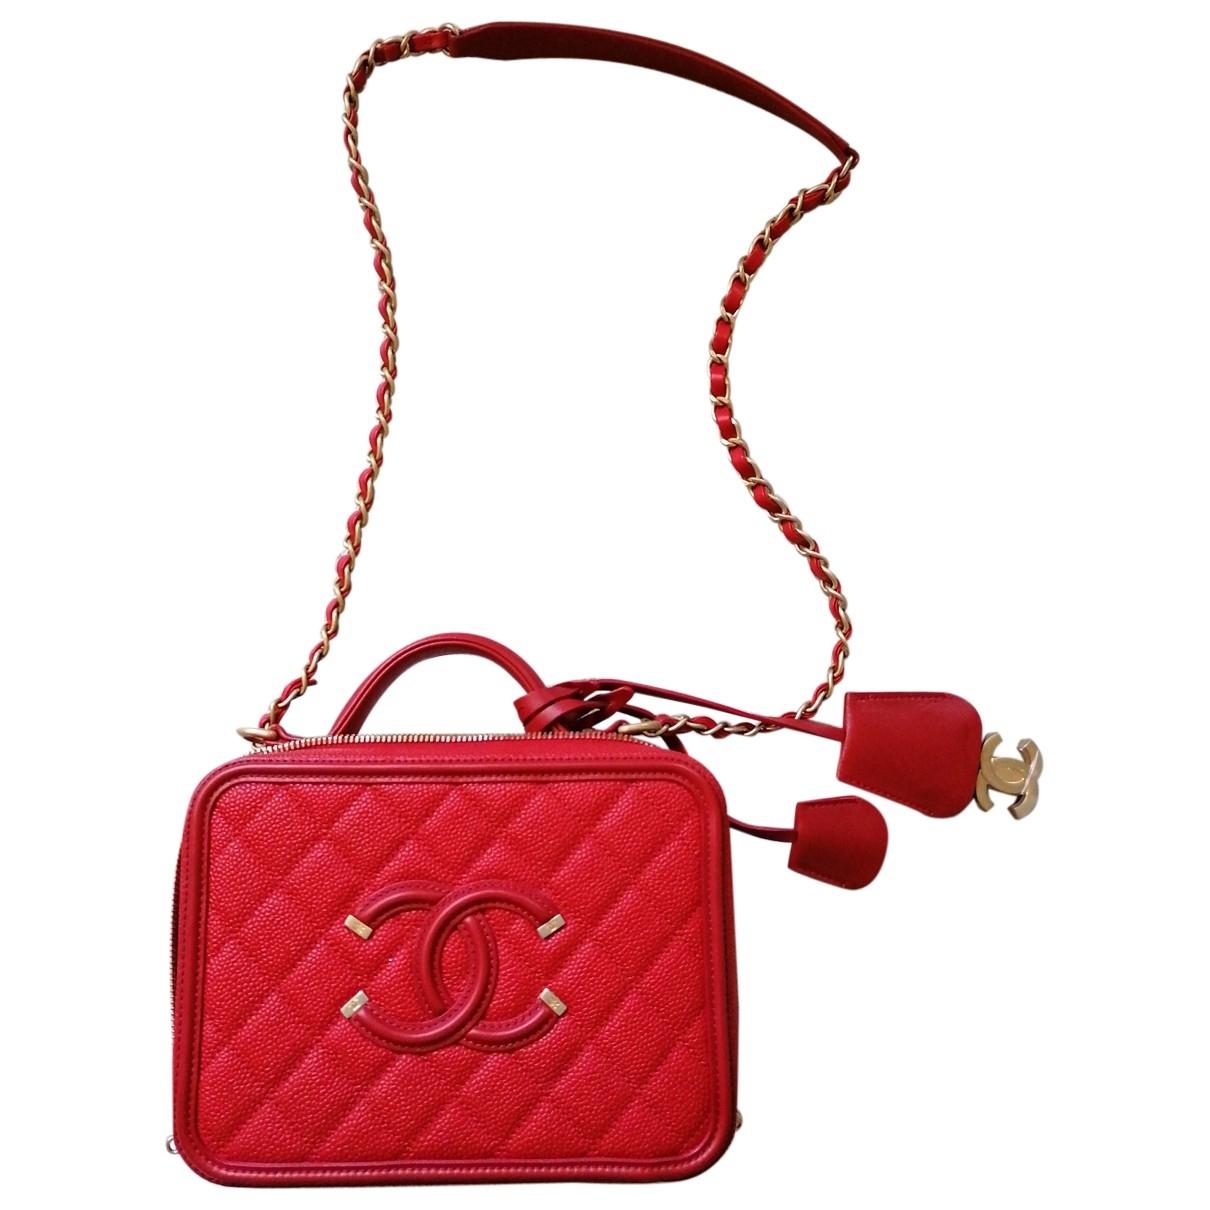 Chanel - Sac a main Vanity pour femme en cuir - rouge